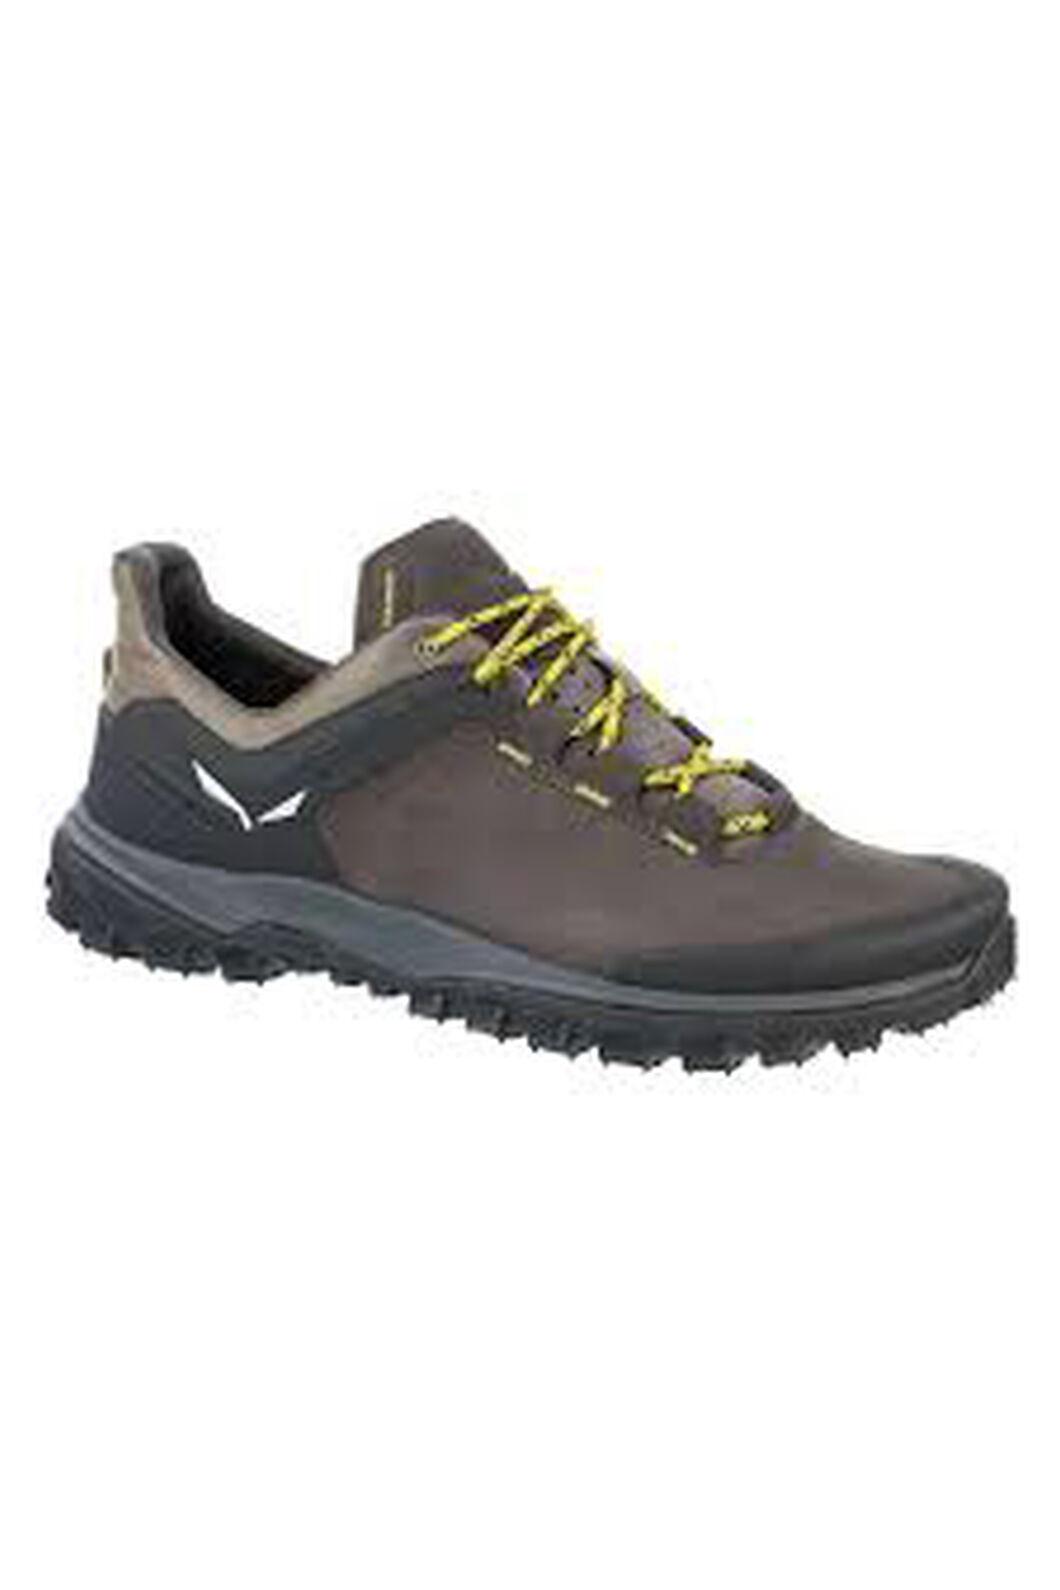 Salewa Wander Hiker Shoes - Men's, Black Olive/Bergot, hi-res